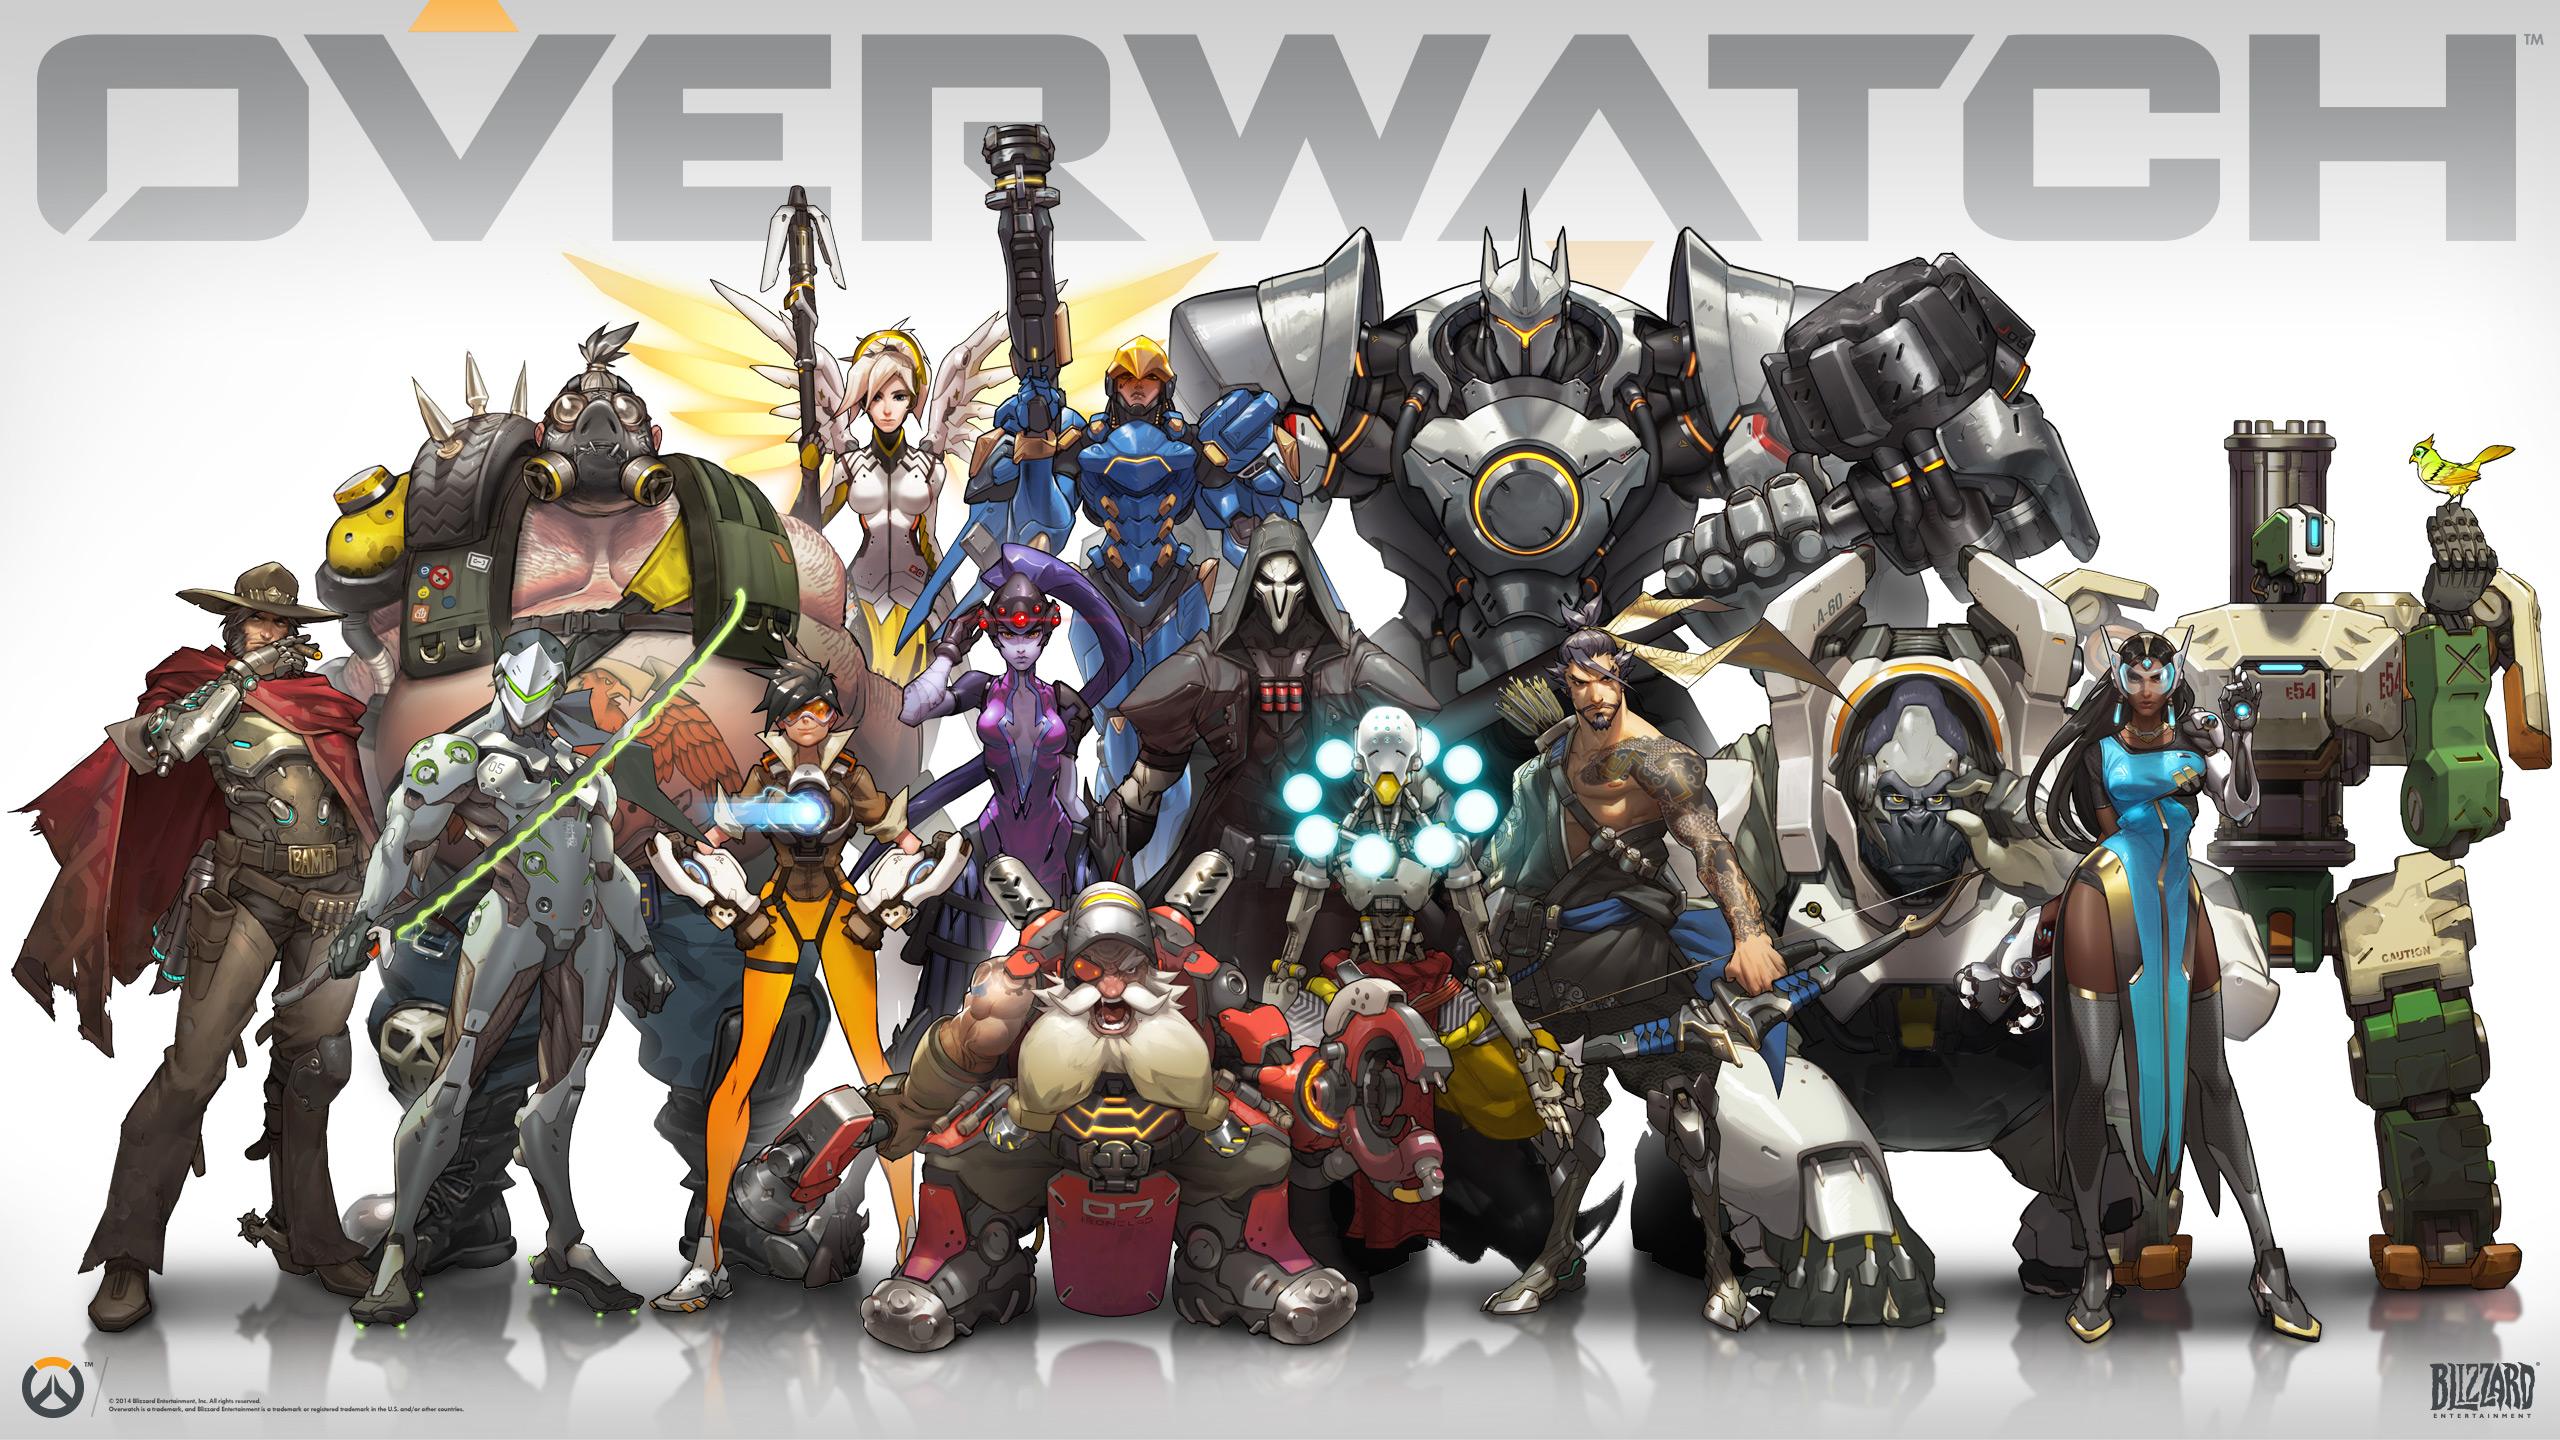 Overwatch Wallpaper 2560x1440